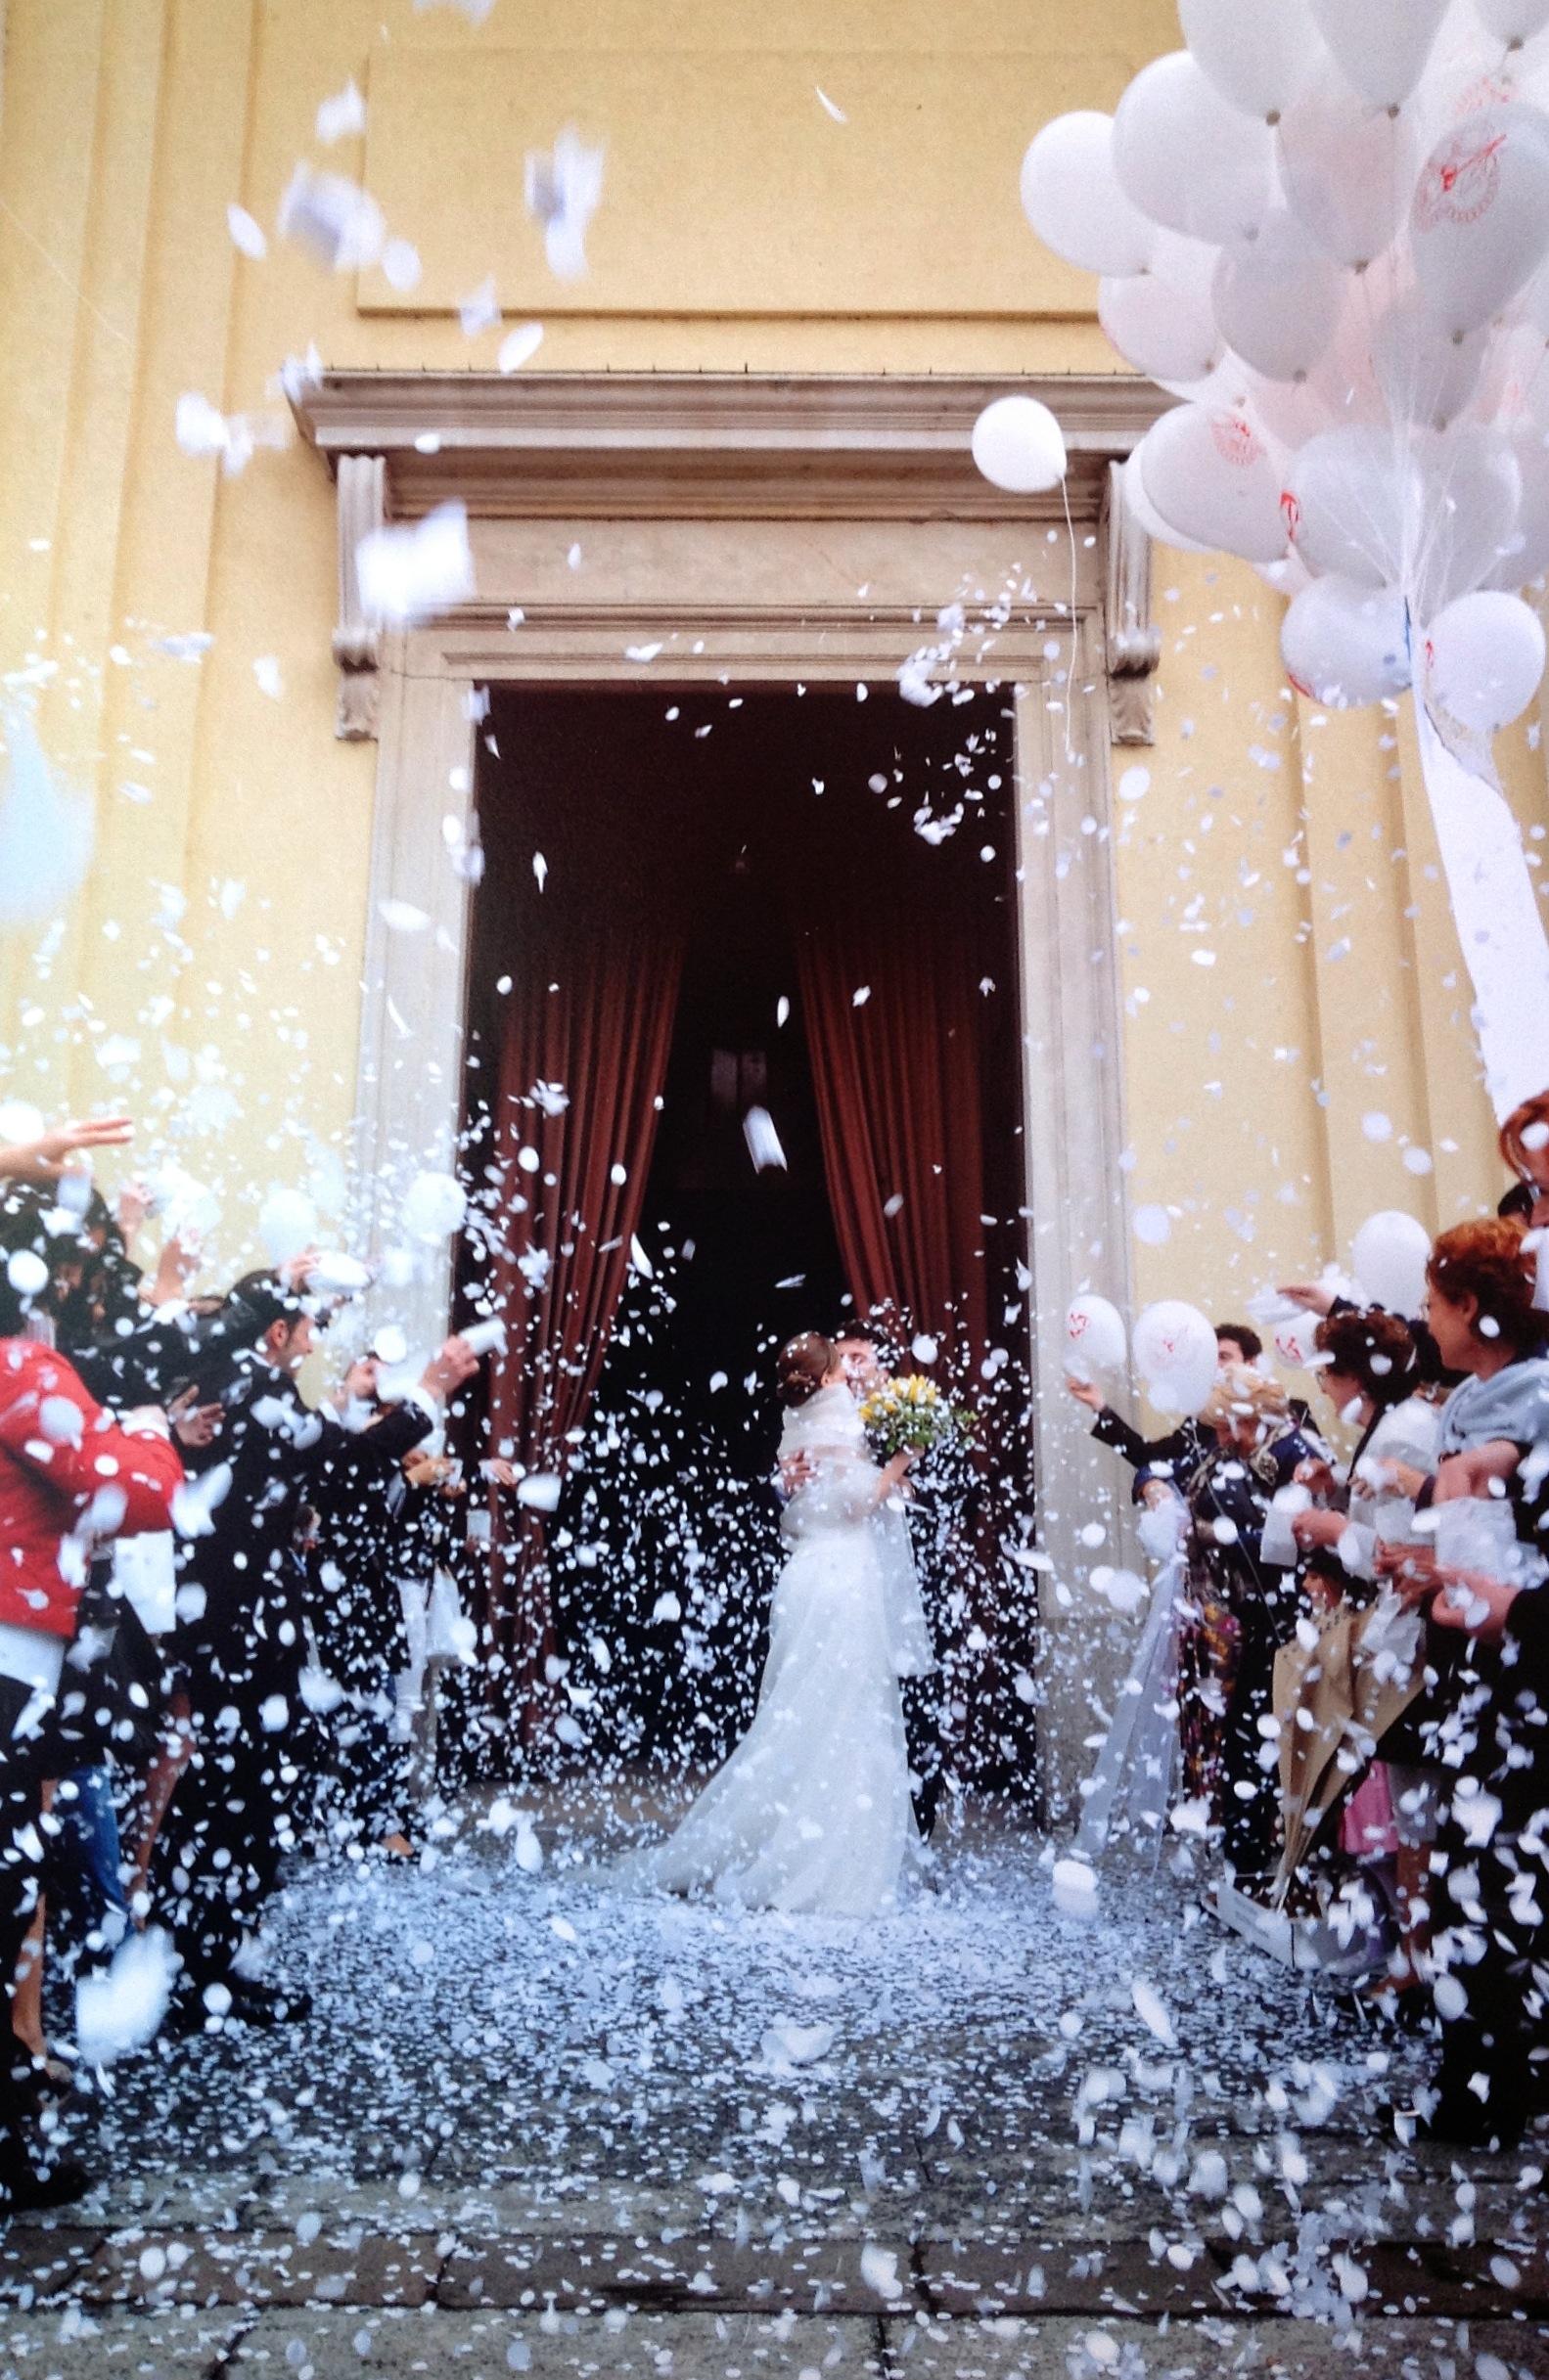 Matrimonio In Chiesa Vale Anche Civilmente : In dieci anni di matrimoni noi brugherio